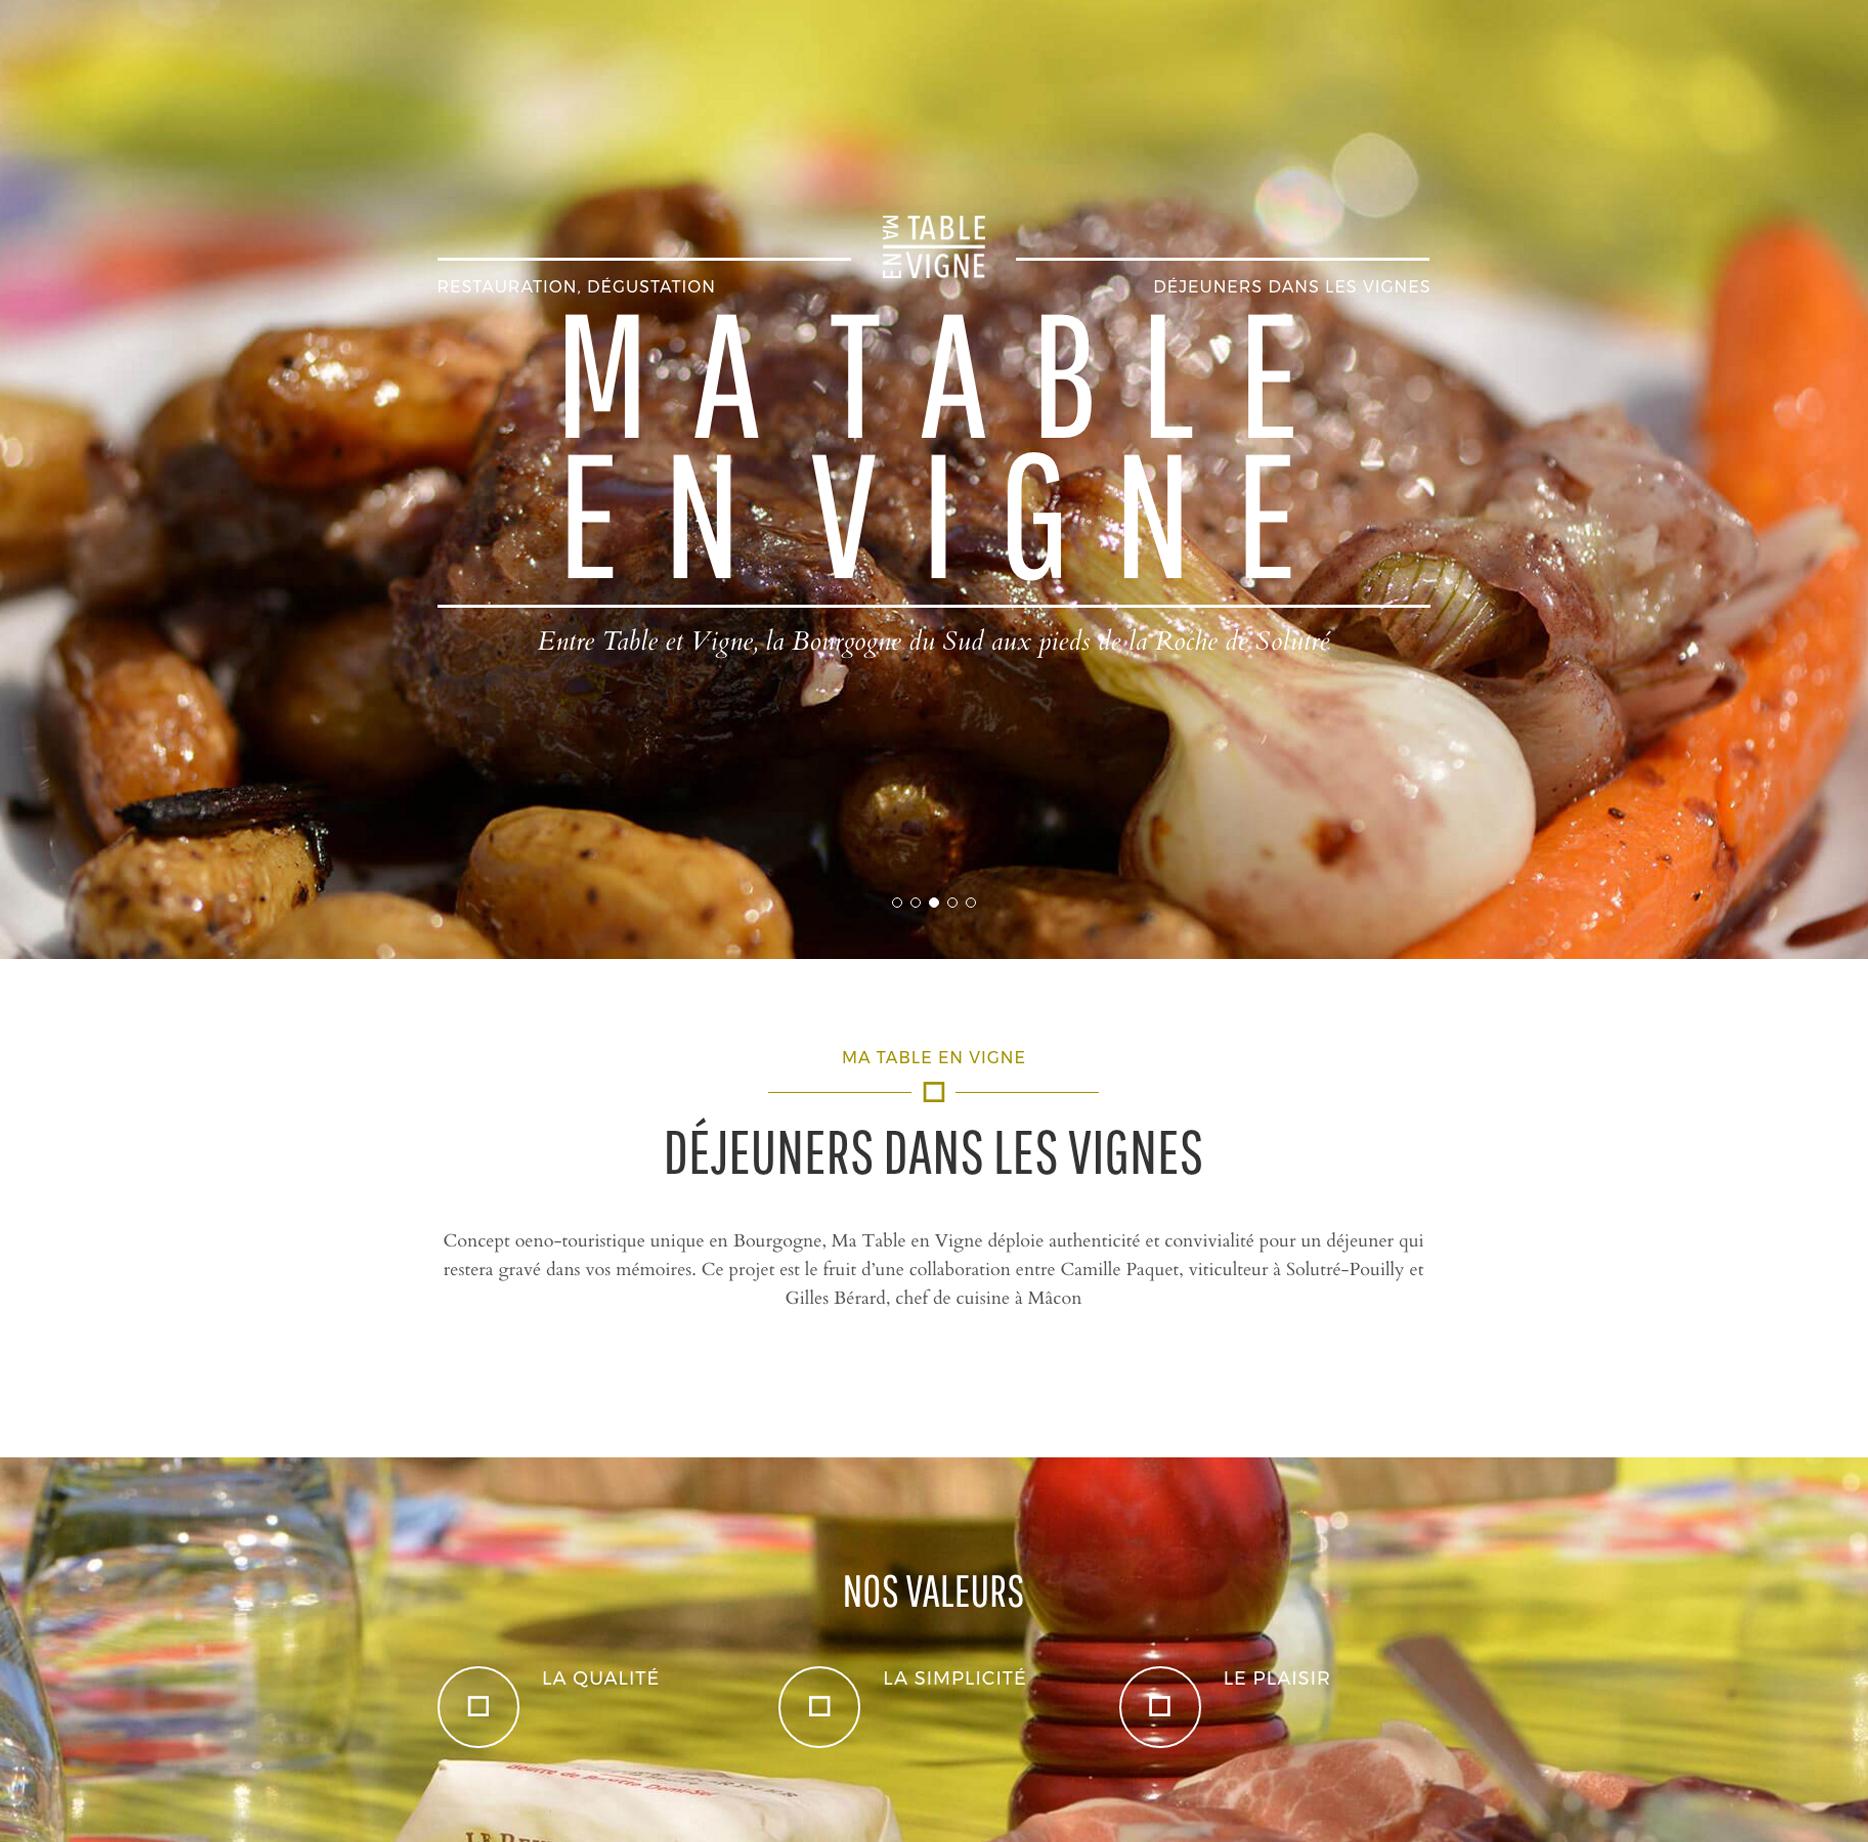 Page d'accueil du site Ma table en vigne